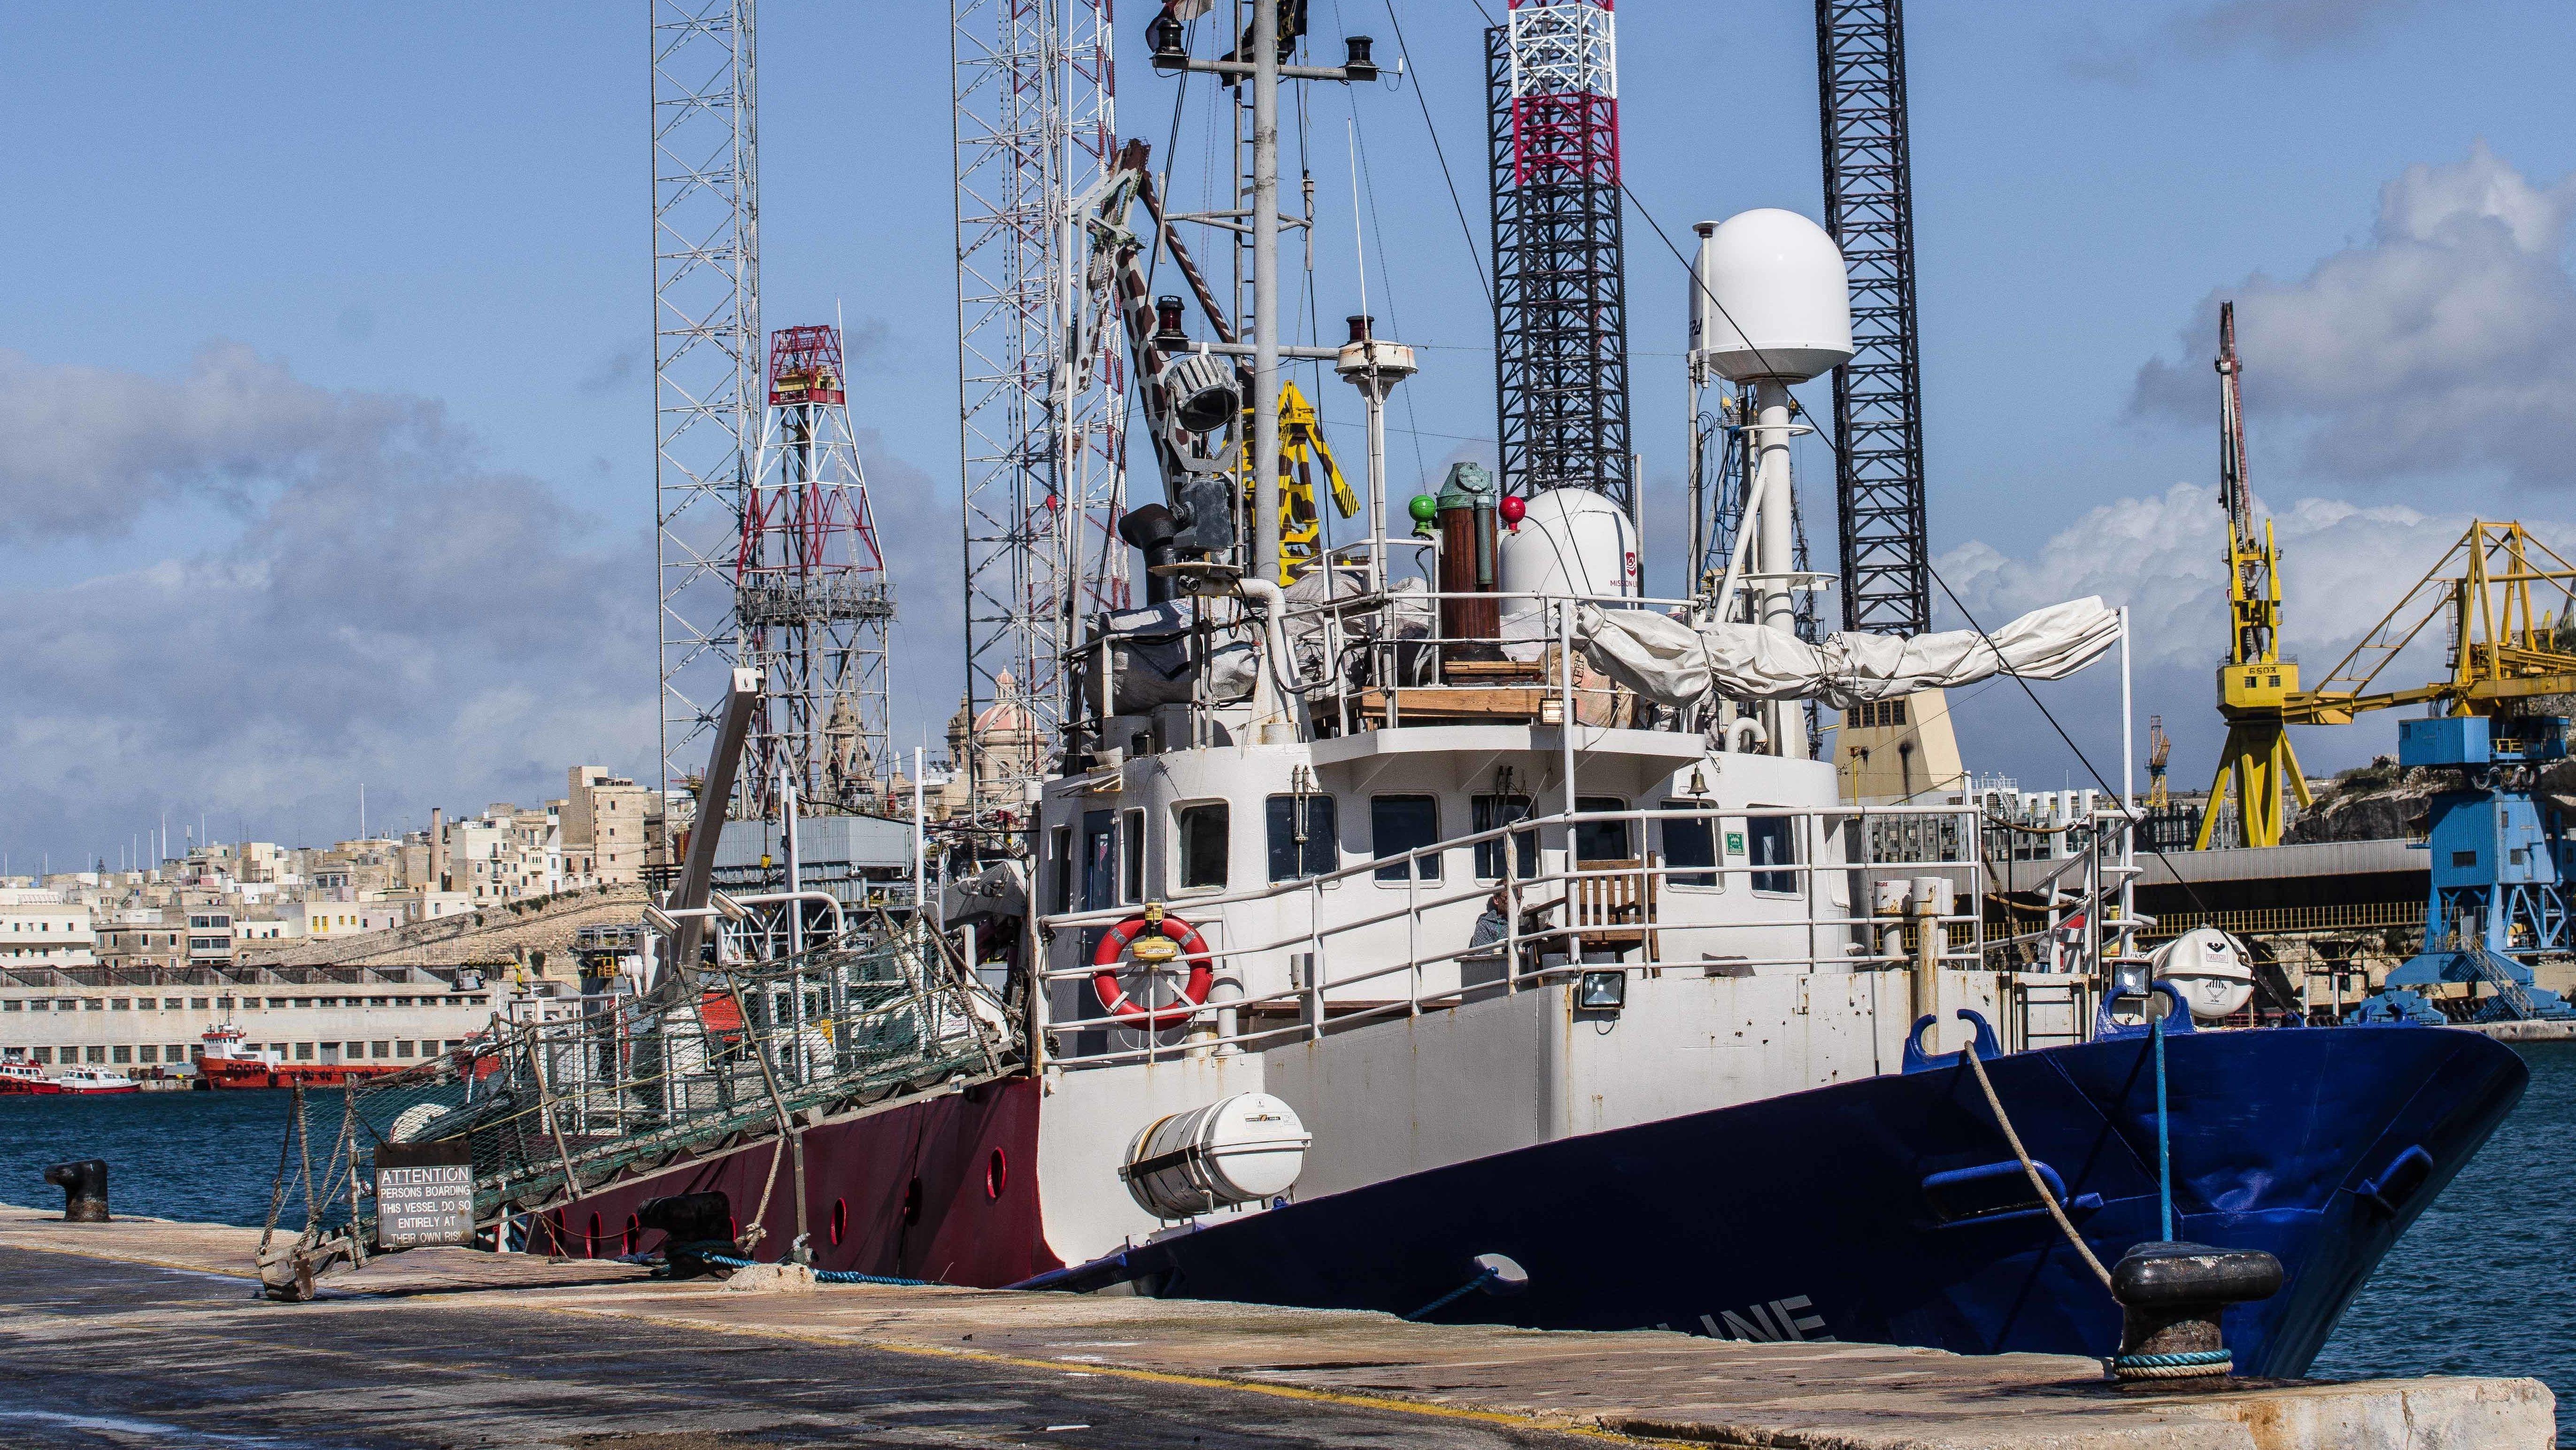 Mai 2019: Rettungsschiff in Hafen von Valetta, Malta